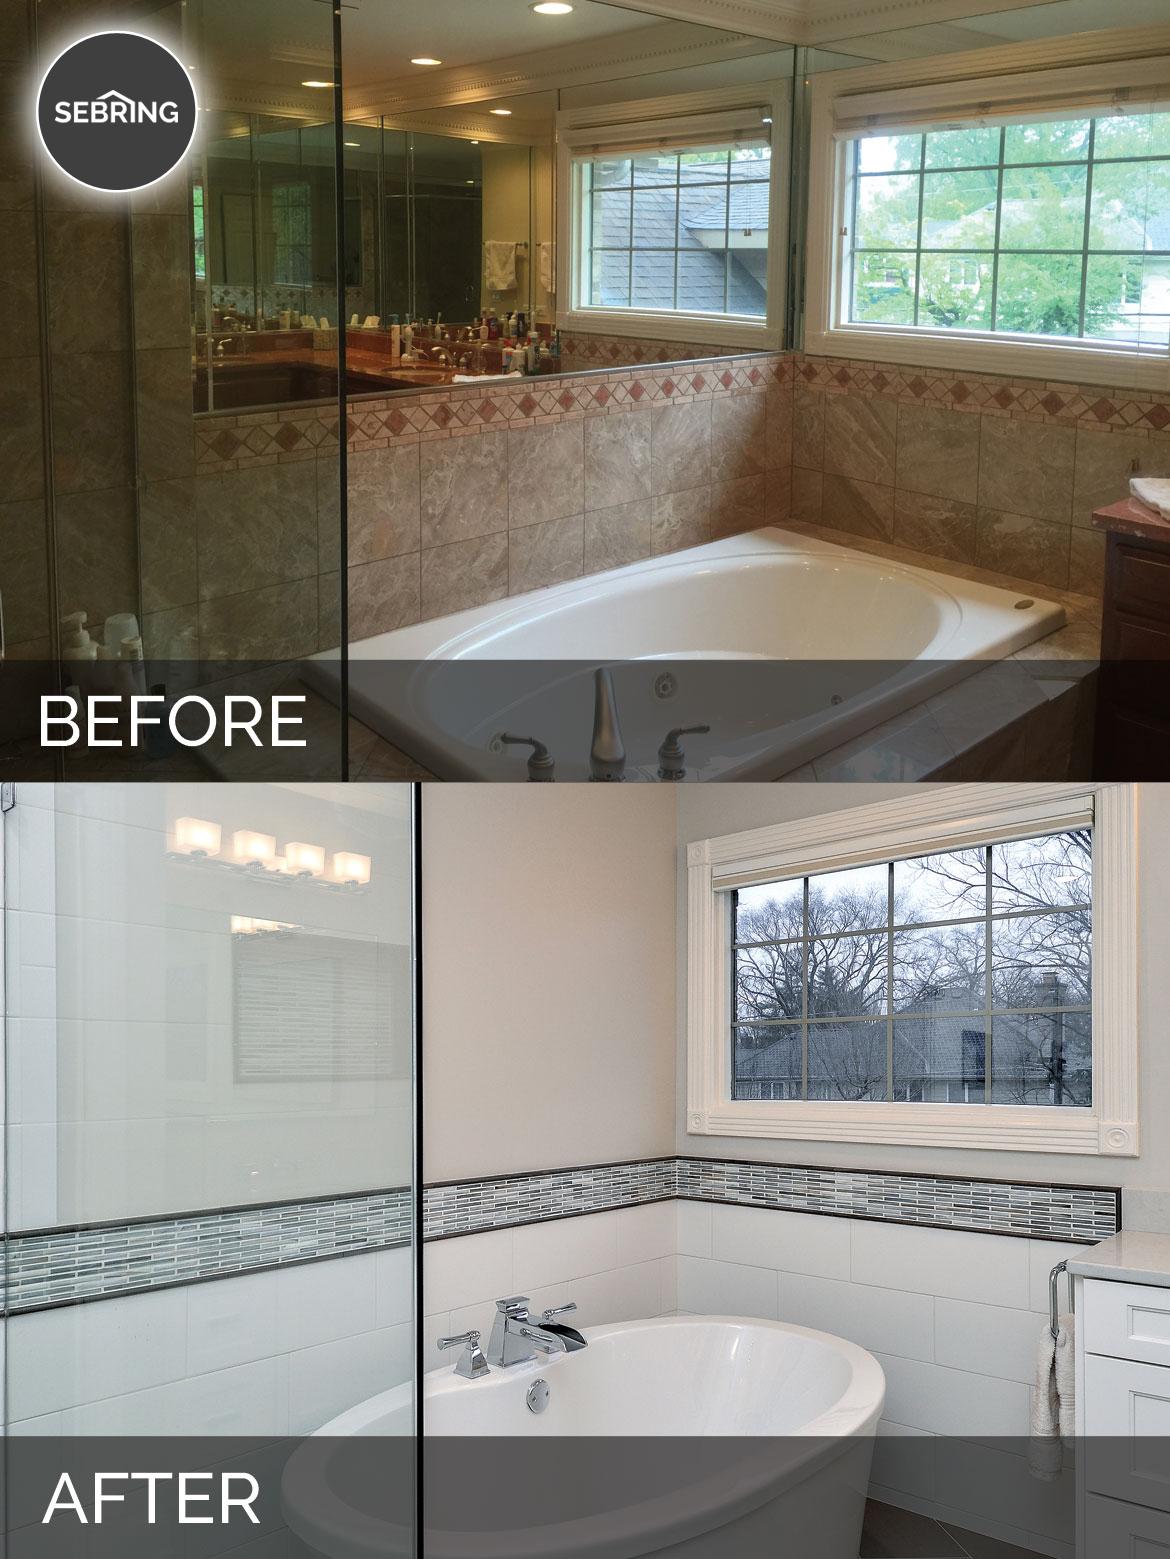 Image of: Greg Julie S Master Bathroom Remodel Before After Pictures Home Remodeling Contractors Sebring Design Build